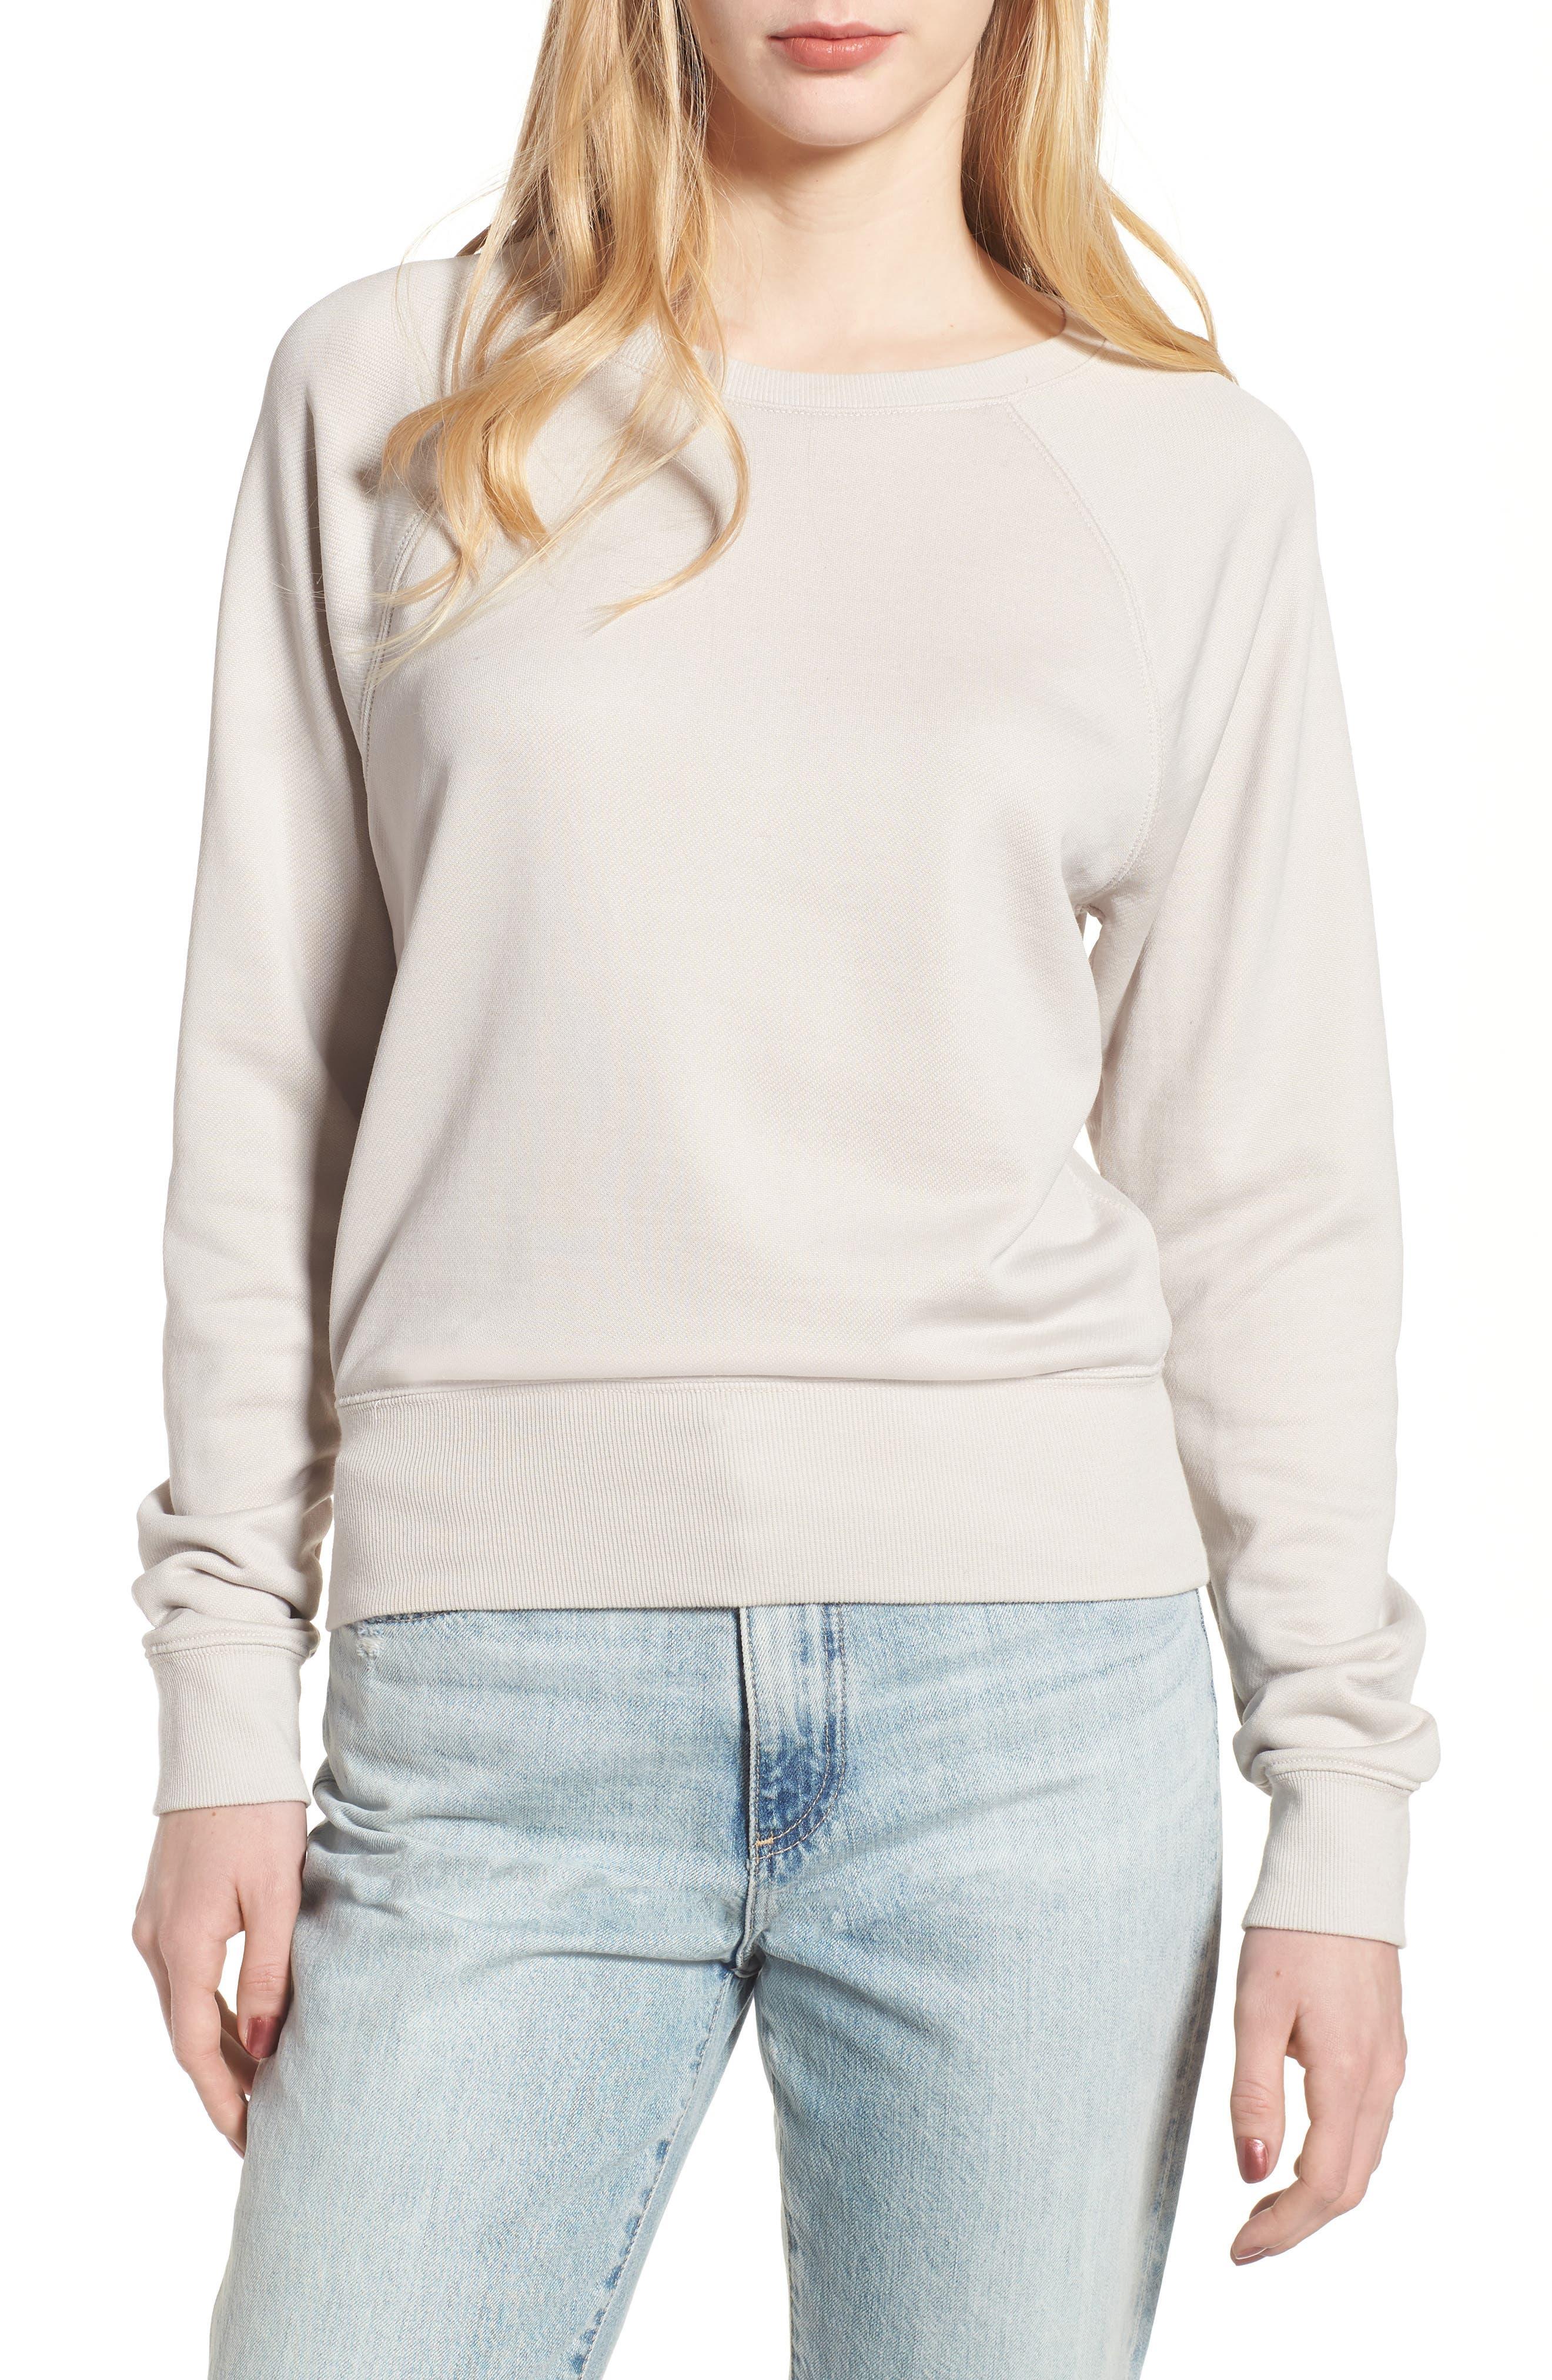 James Perse Shrunken Fleece Sweatshirt